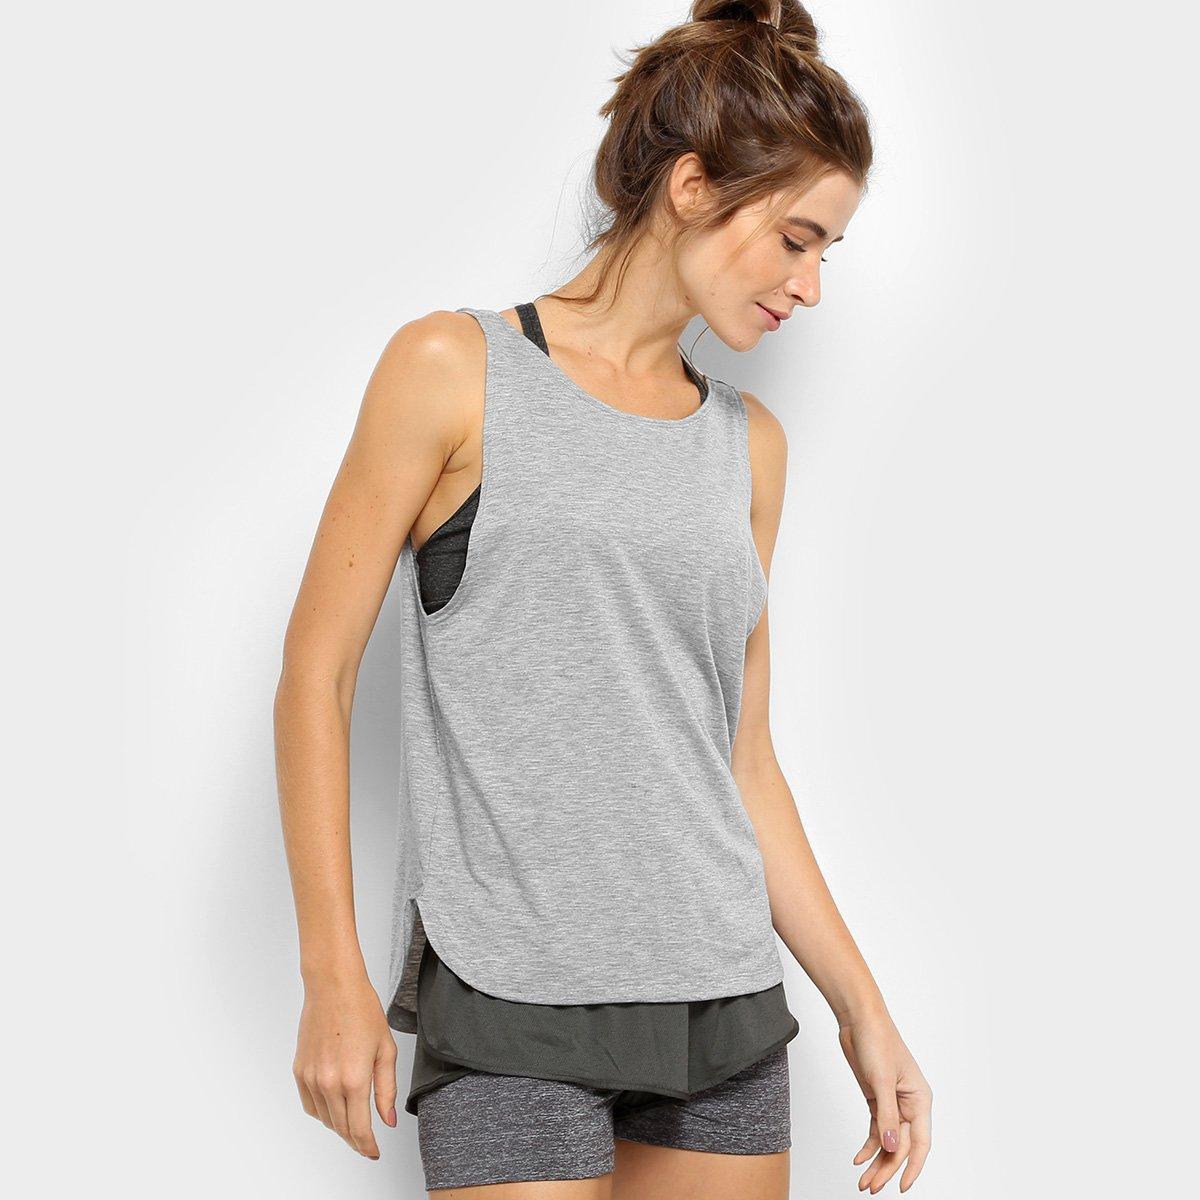 5555b779ae Regata Adidas Prime Low Back Feminina - Compre Agora